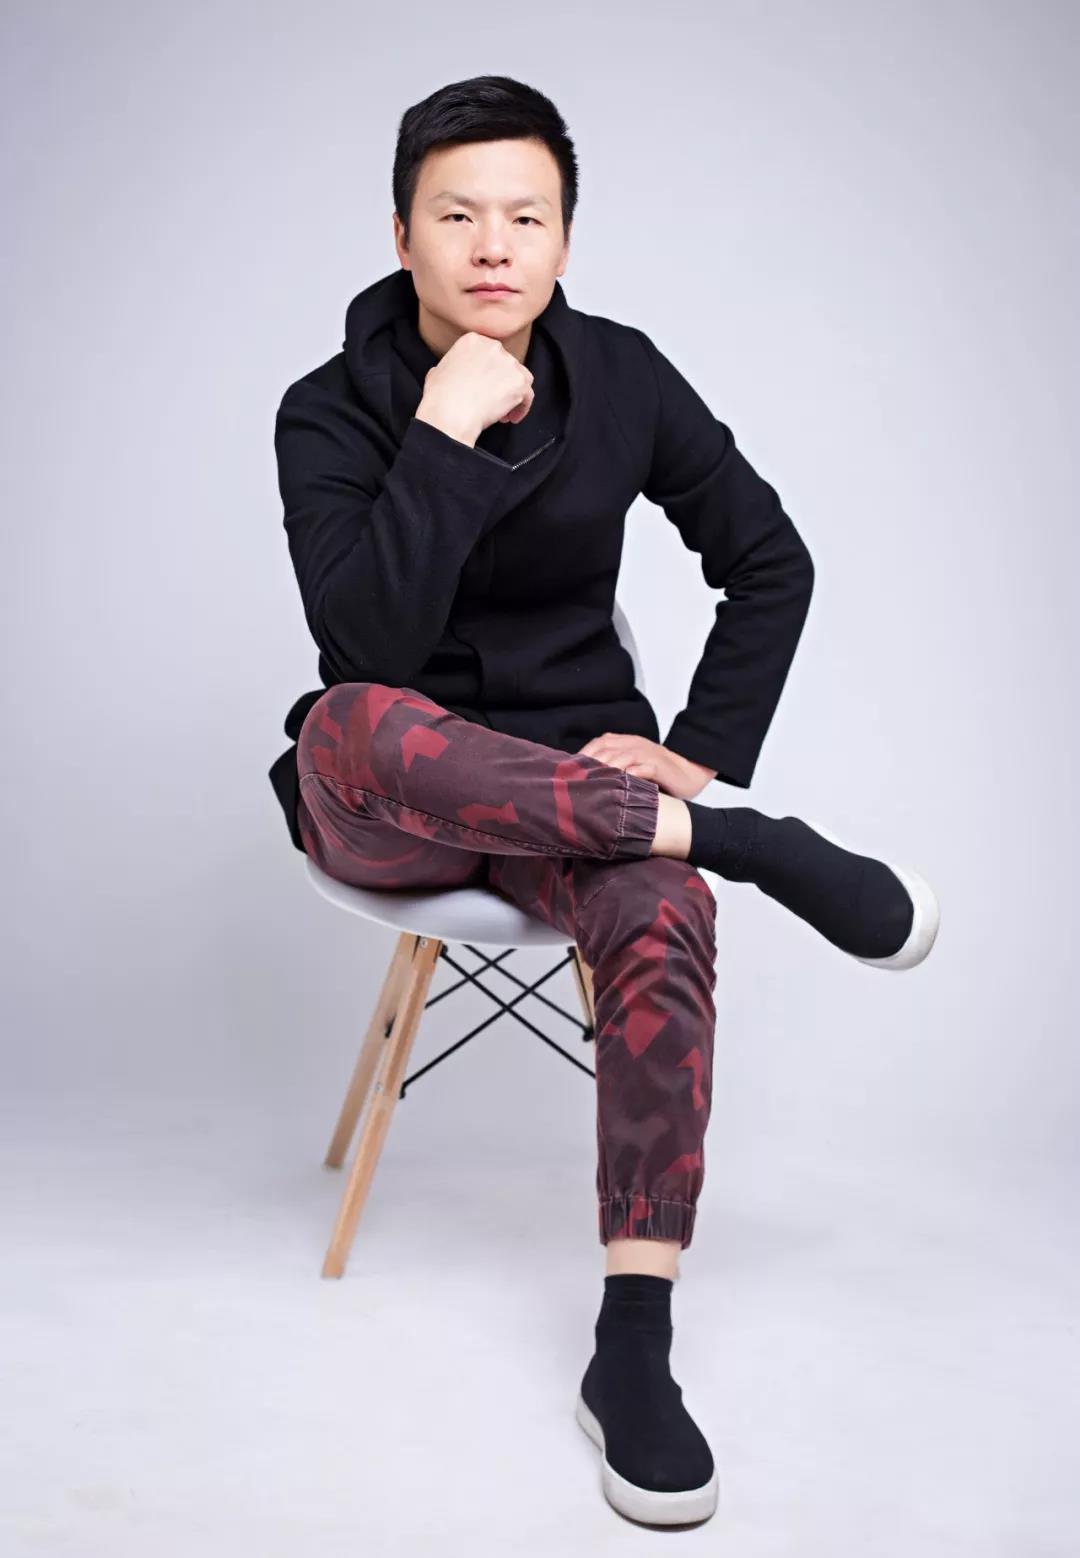 翡翠王朝_公益|玉雕名家周旺,游永赛专场,为山区孩子助力